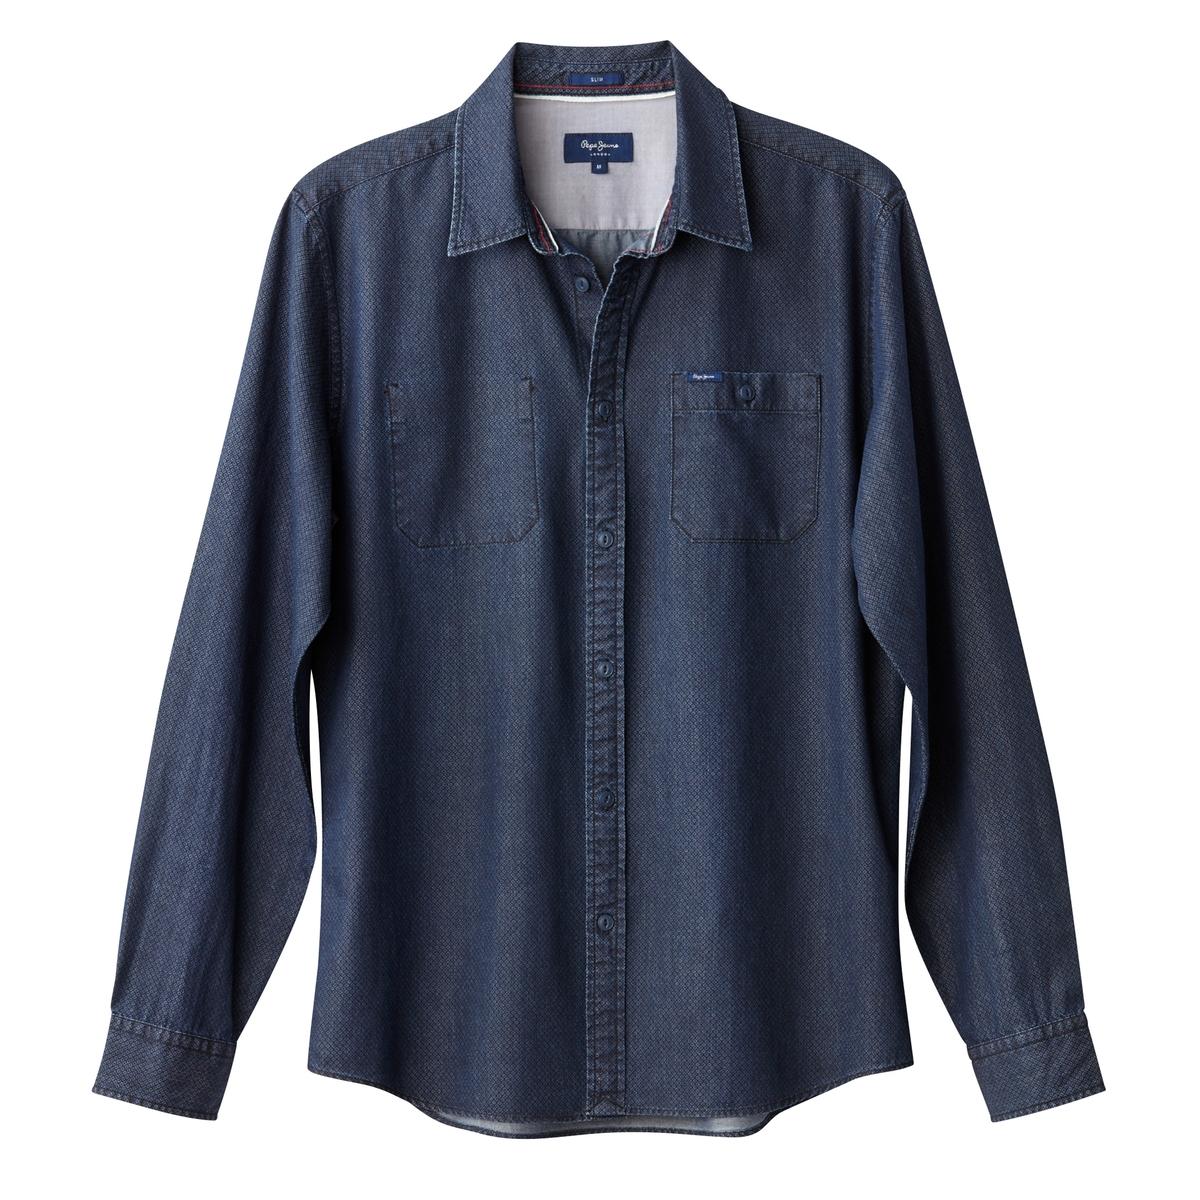 Рубашка прямого покрояОписание:Детали  •  Длинные рукава  •  Прямой покрой  •  Классический воротникСостав и уход  •  100% хлопок  •  Следуйте советам по уходу, указанным на этикетке<br><br>Цвет: синий индиго<br>Размер: S.L